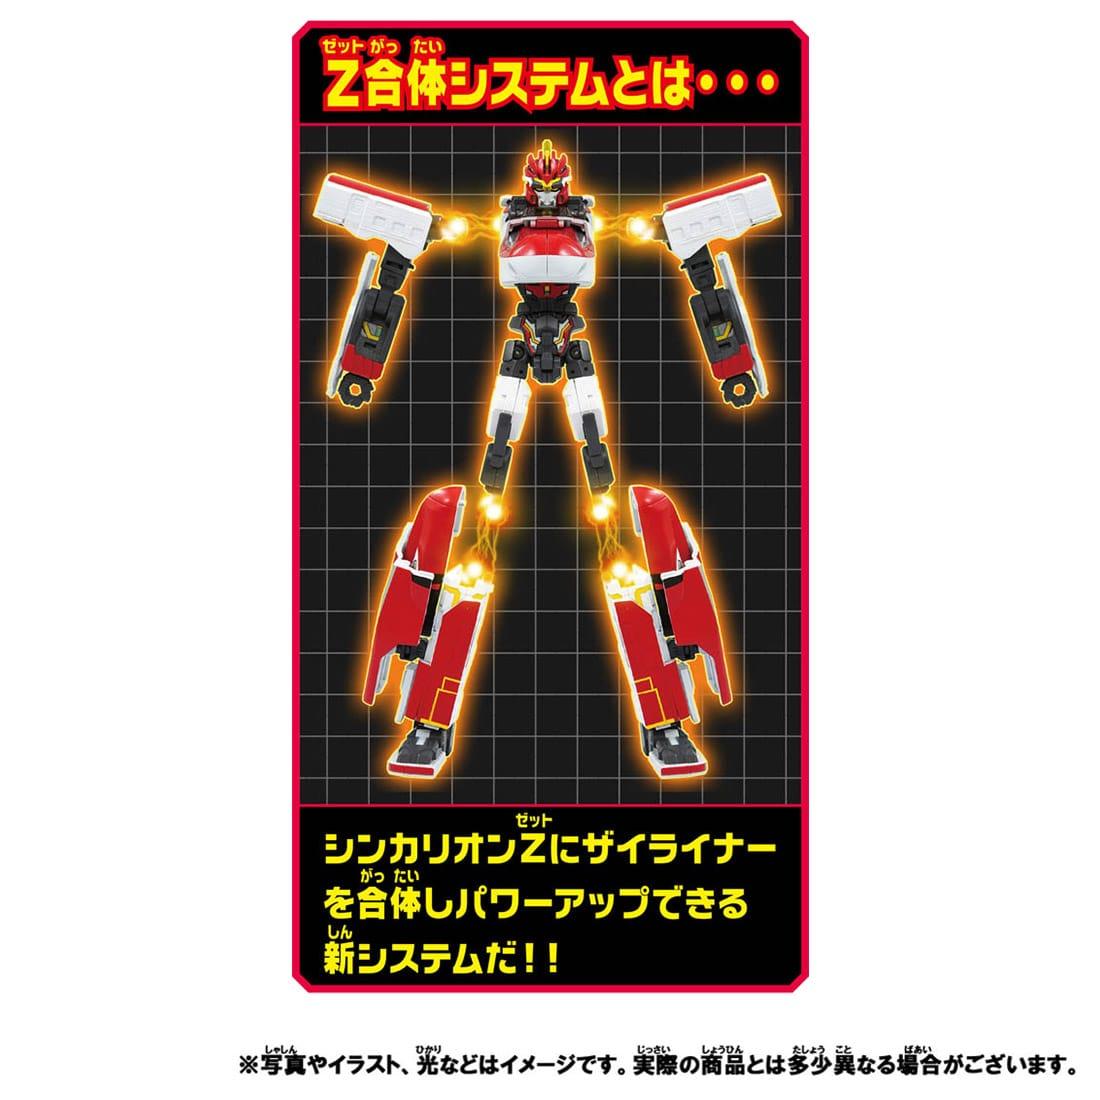 新幹線変形ロボ シンカリオンZ『シンカリオンZ E5ヤマノテセット』可変合体プラレール-012